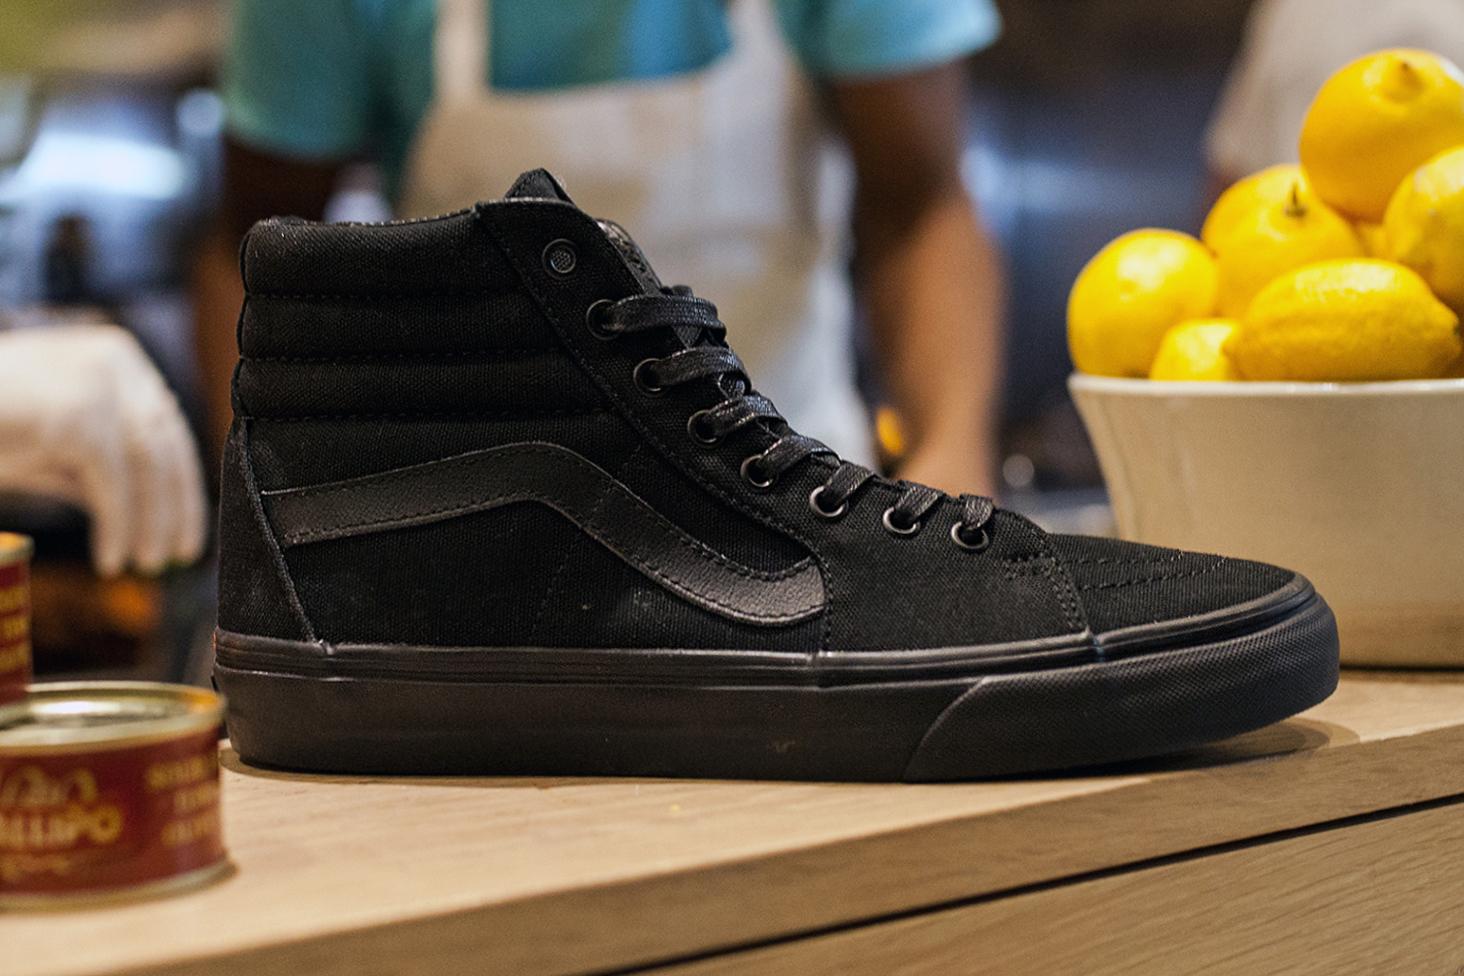 Vans Jon and Vinnys Chef Sneakers Interview